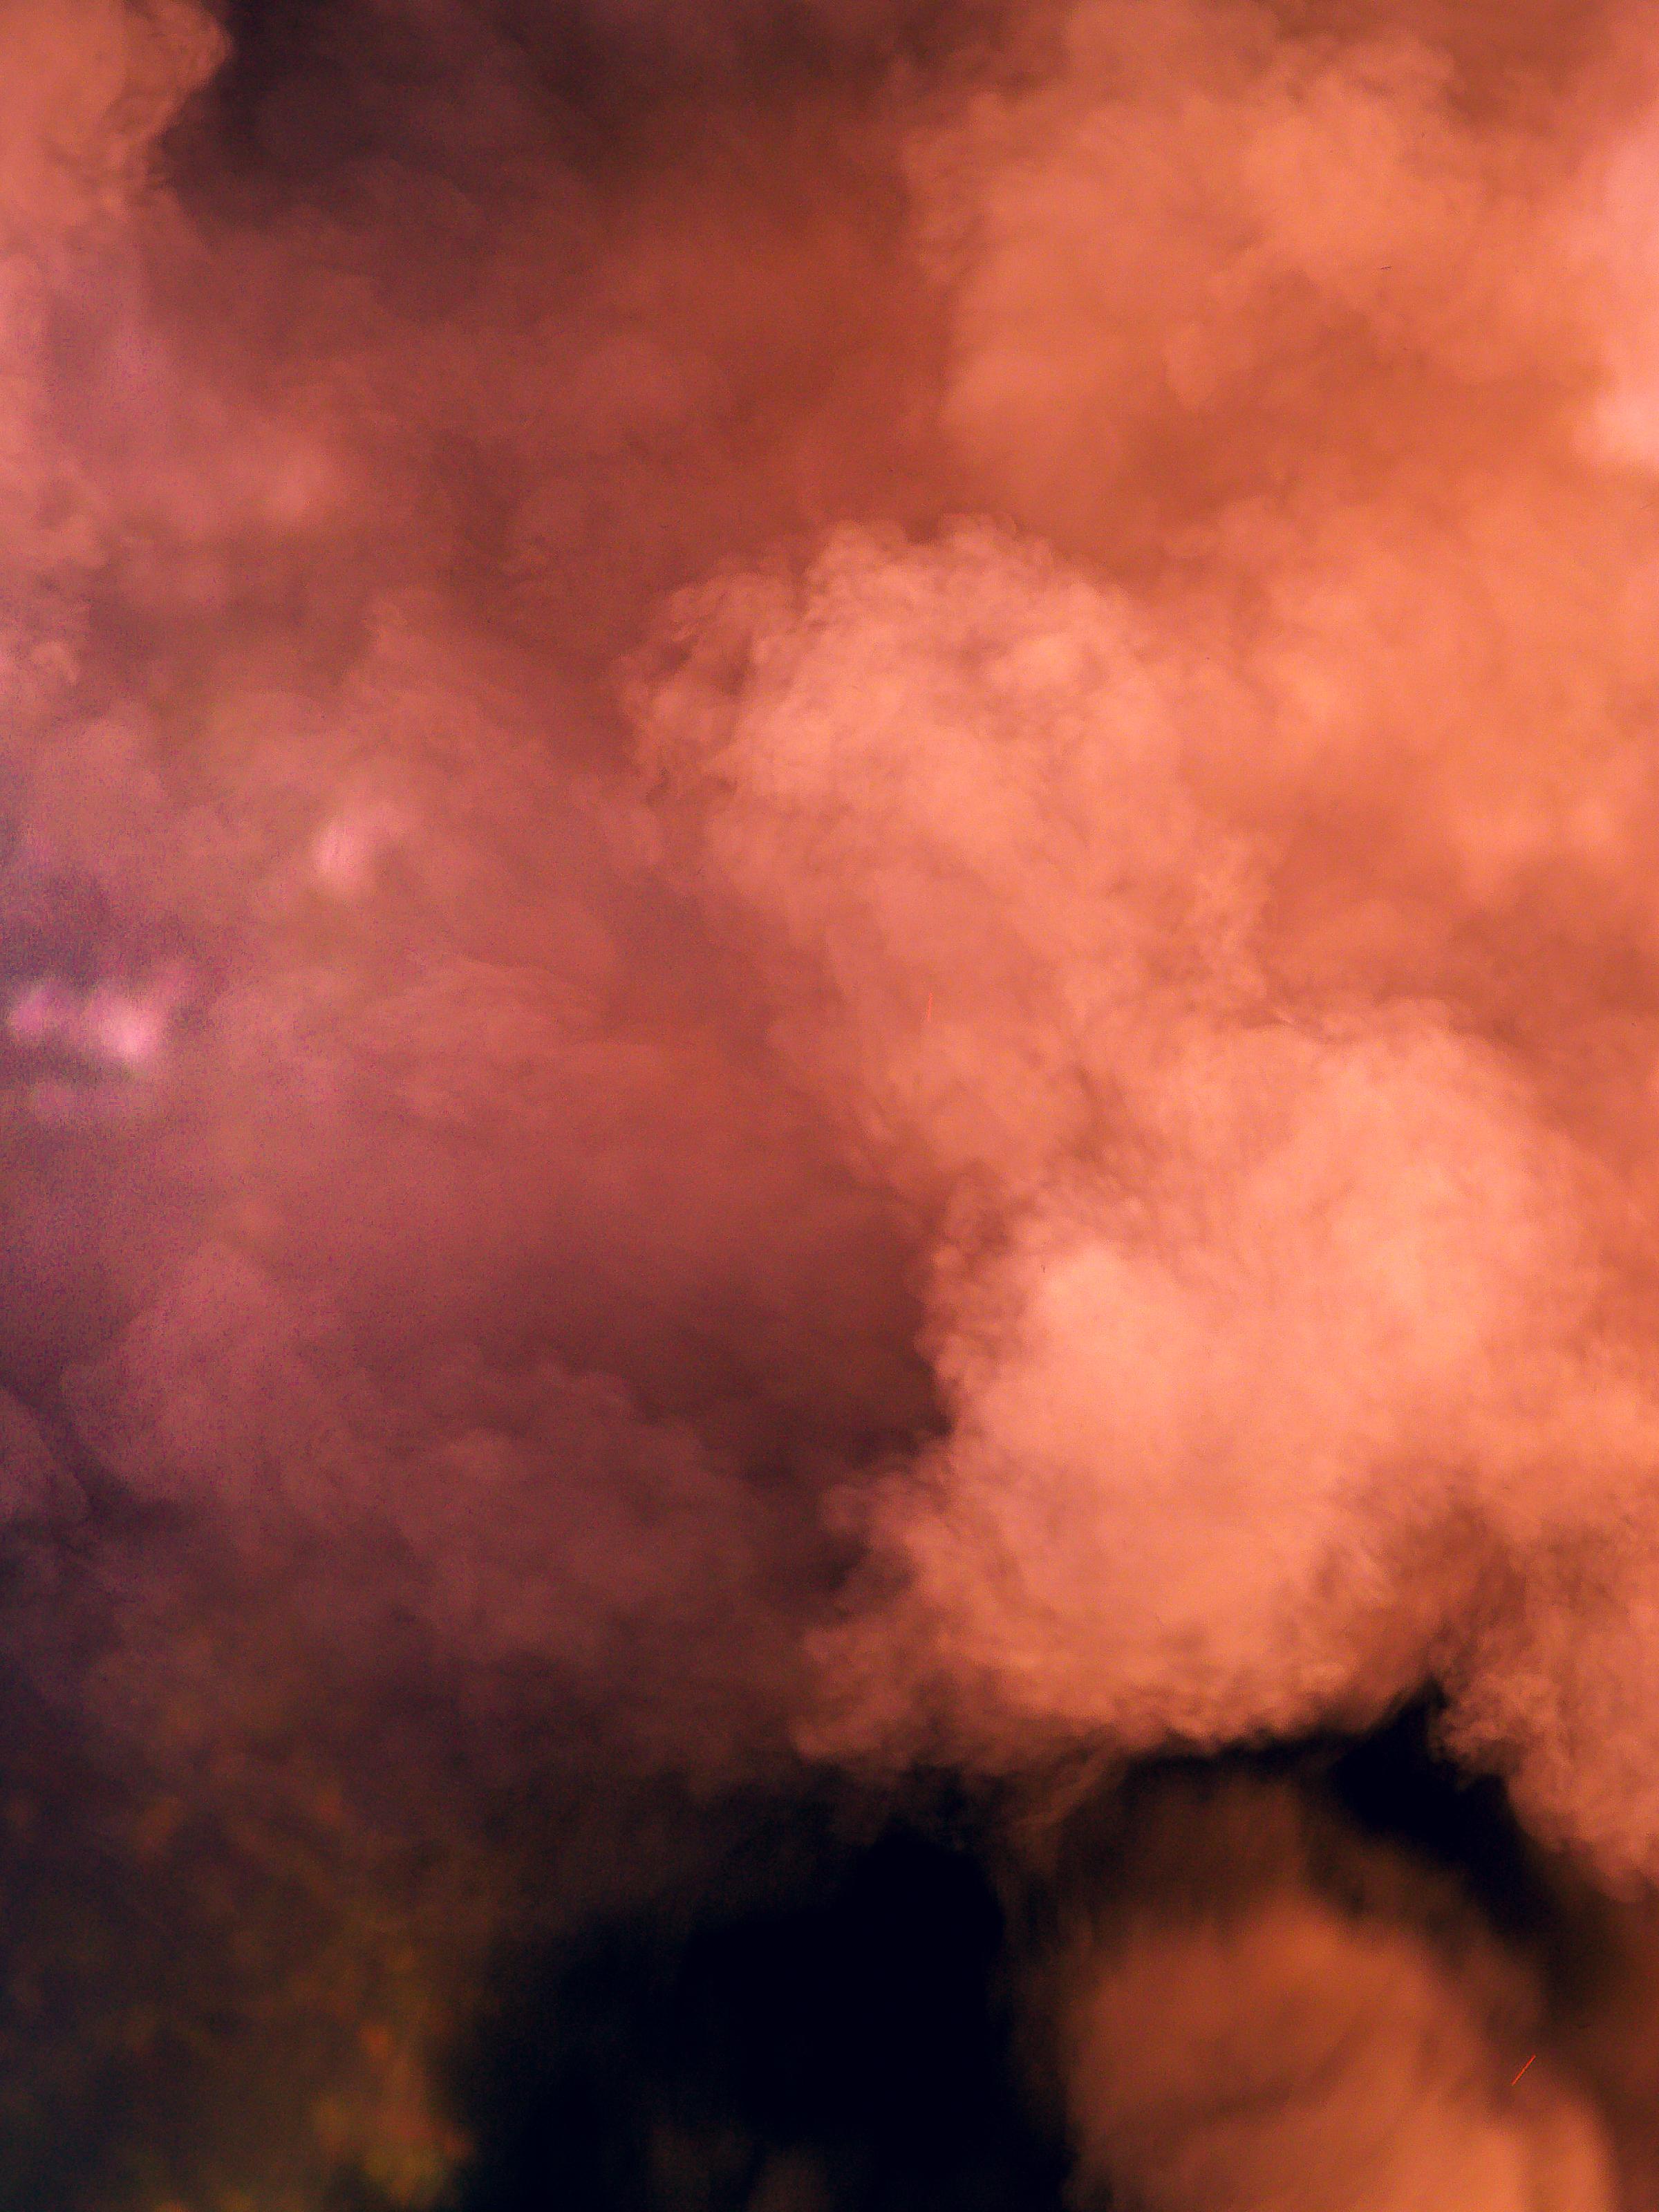 Gambar : Panas, Membakar, Api Unggun, Hangat, Berapi, Latar Belakang,  Neraka, Bahaya, Merapatkan, Jeruk, Terik, Tekstur, Mudah Terbakar, Energi,  Menyalakan, Hitam, Kebakaran, Gairah, Cahaya, Liar, Gerakan, Abstrak,  Berbahaya, Suasana, Langit Merah Di